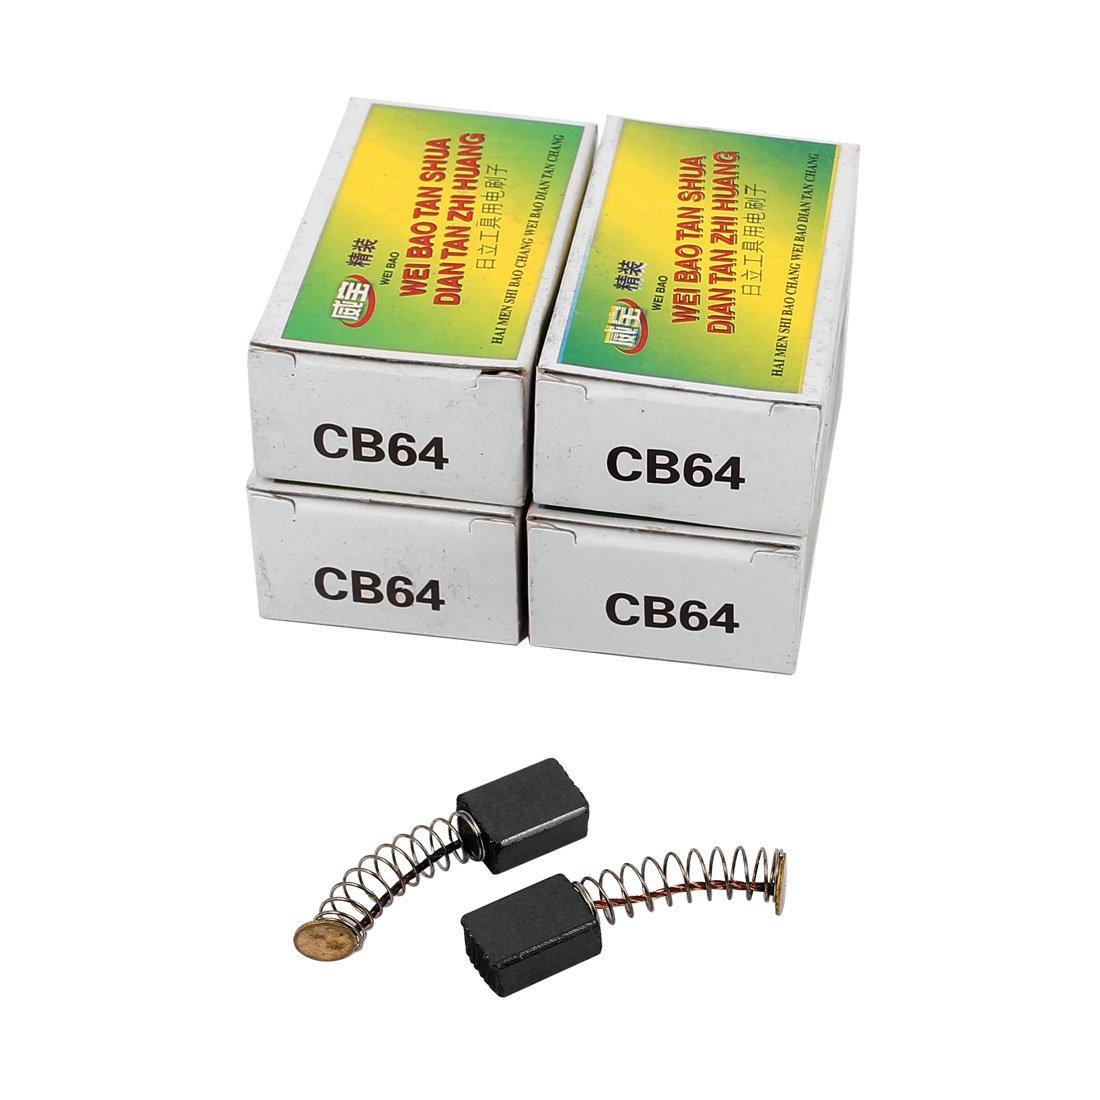 sourcingmap® 5 Pares Escobillas Herramienta eléctrica 12 x 8 x 5mm para Motor Eléctrico genérico a16091000ux0171